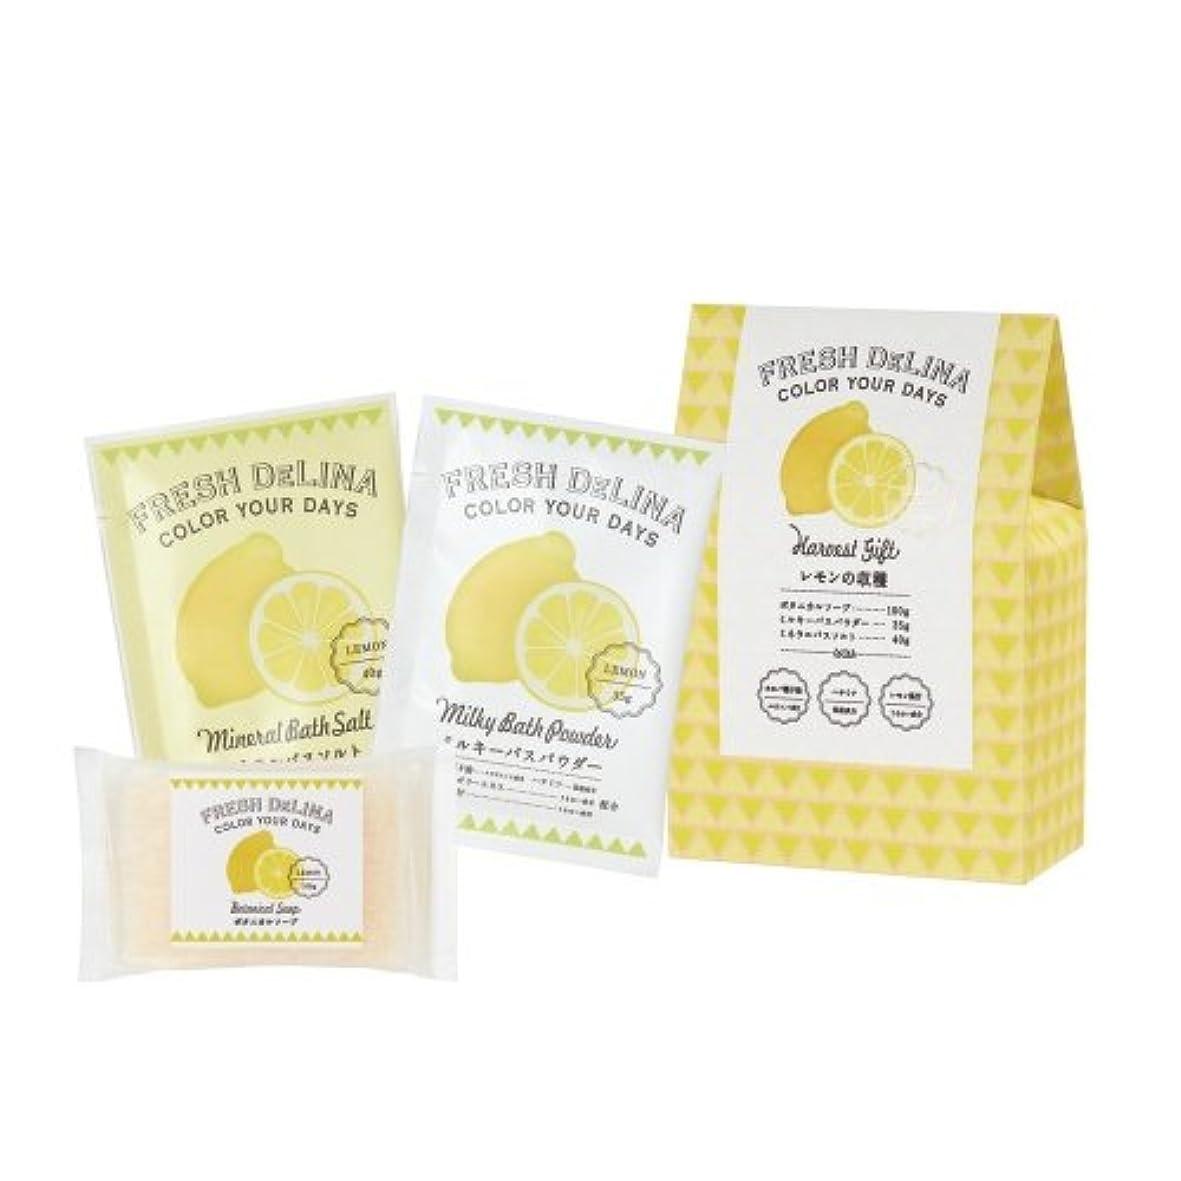 若者空いている賛美歌フレッシュデリーナ ハーベストギフト レモン (ミルキバスパウダー35g、ミネラルバスソルト40g、ボタニカルソープ100g 「各1個」)